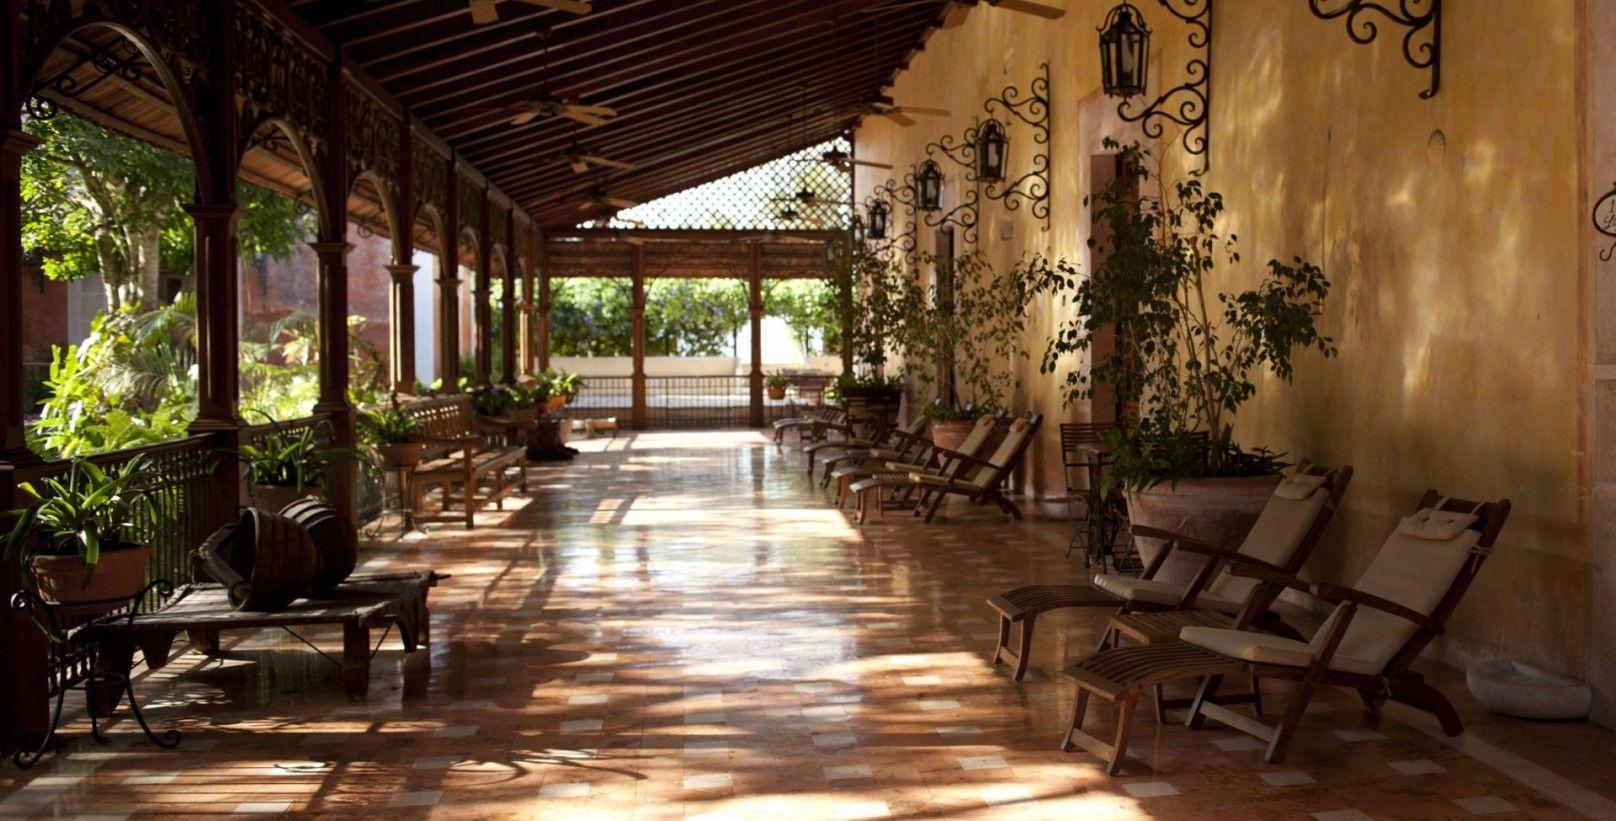 Gallery hacienda xcanatun merida mexico casa alegre for Decoracion de casas tipo hacienda